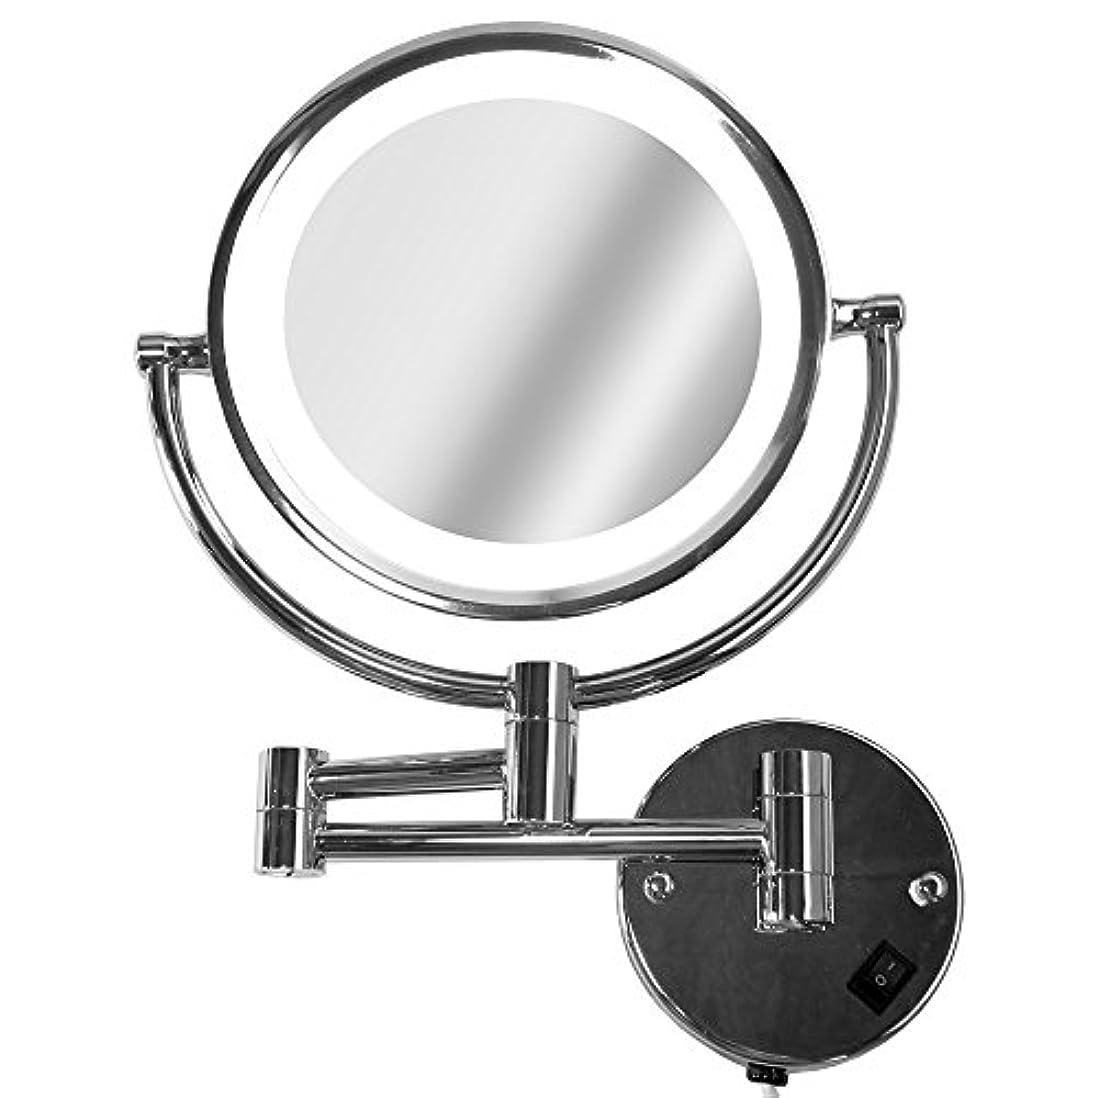 雨の検出器蚊La Curie アームミラー 壁付けミラー 拡大鏡 折りたたみホテルミラー LEDライト付 5倍 LaCurie014